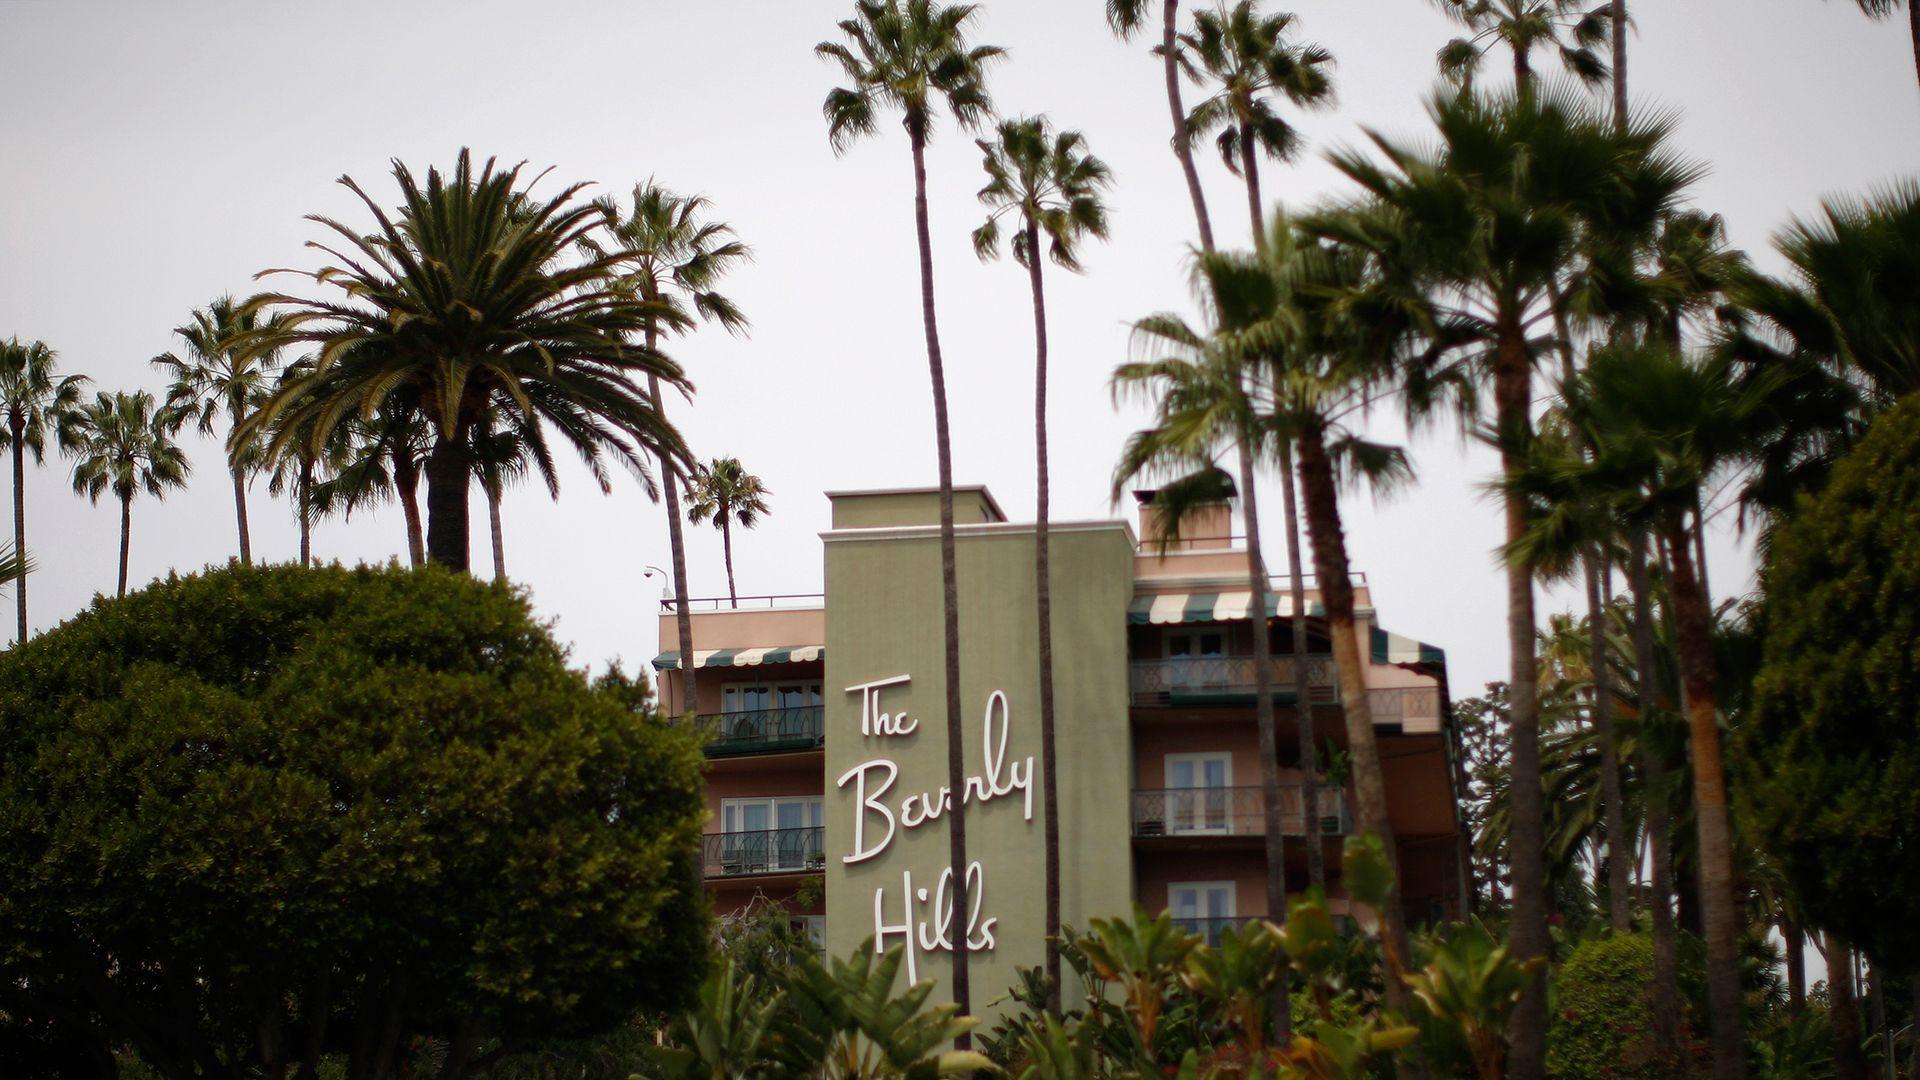 Beverly Hills hd wallpaper 1080